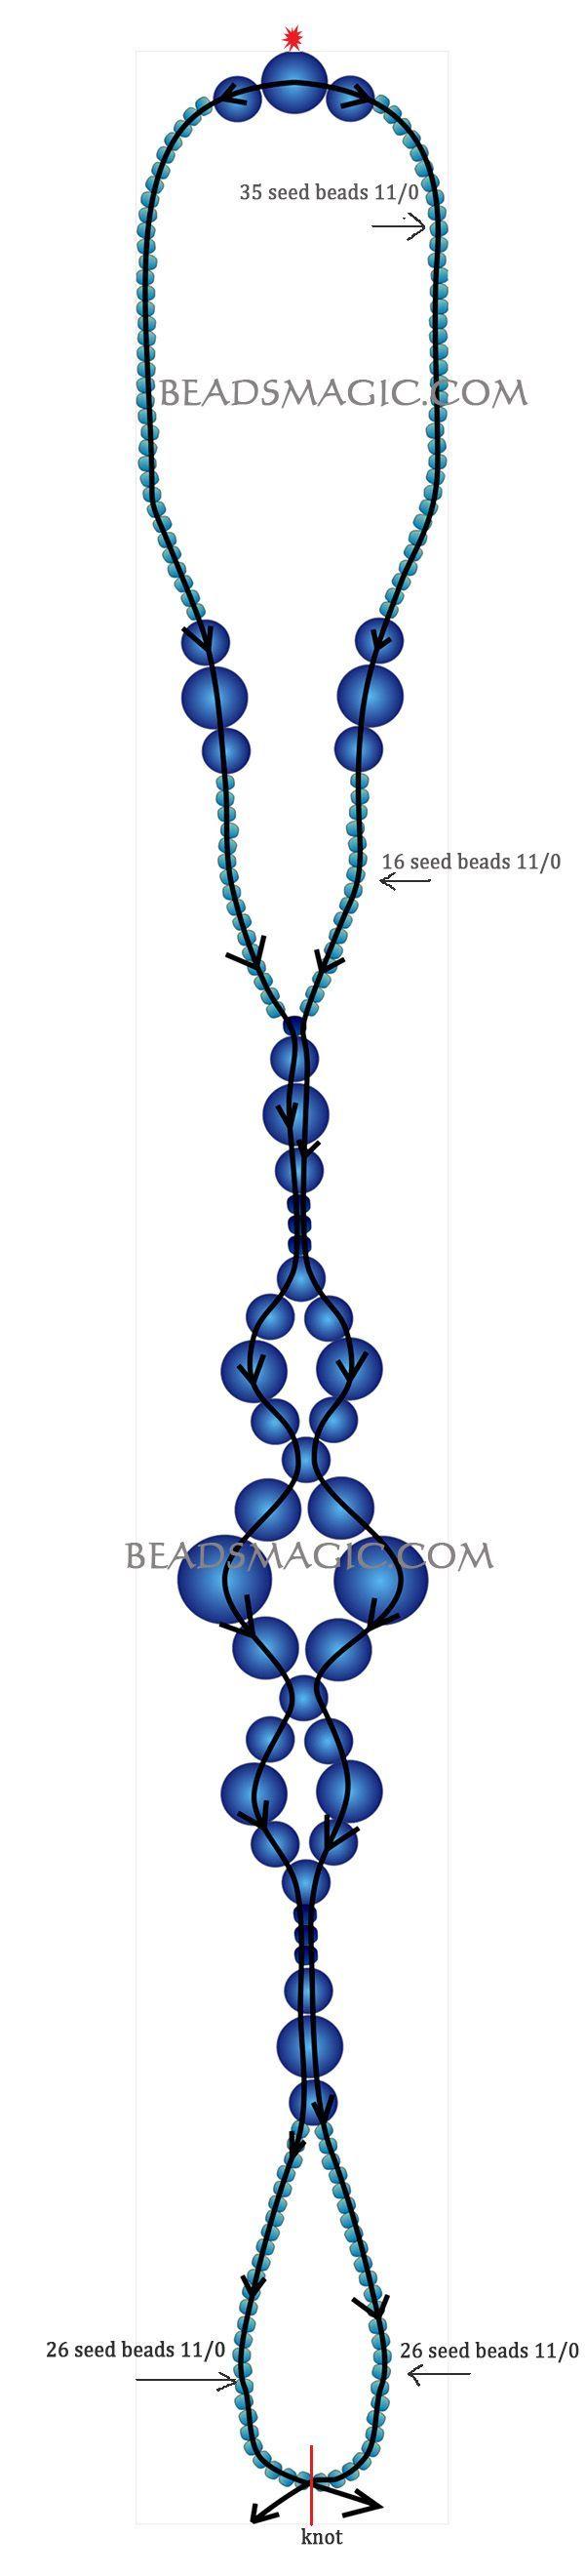 patrón libre para los pies (ankel) pulsera Sun Paso | Magic Beads...granos de la semilla 11/0  granos de la semilla 8/0  perlas 8 mm  perlas de 6 mm  Perlas 4 mm  hilo elástico !!  Comience con 2 agujas de estrella roja.